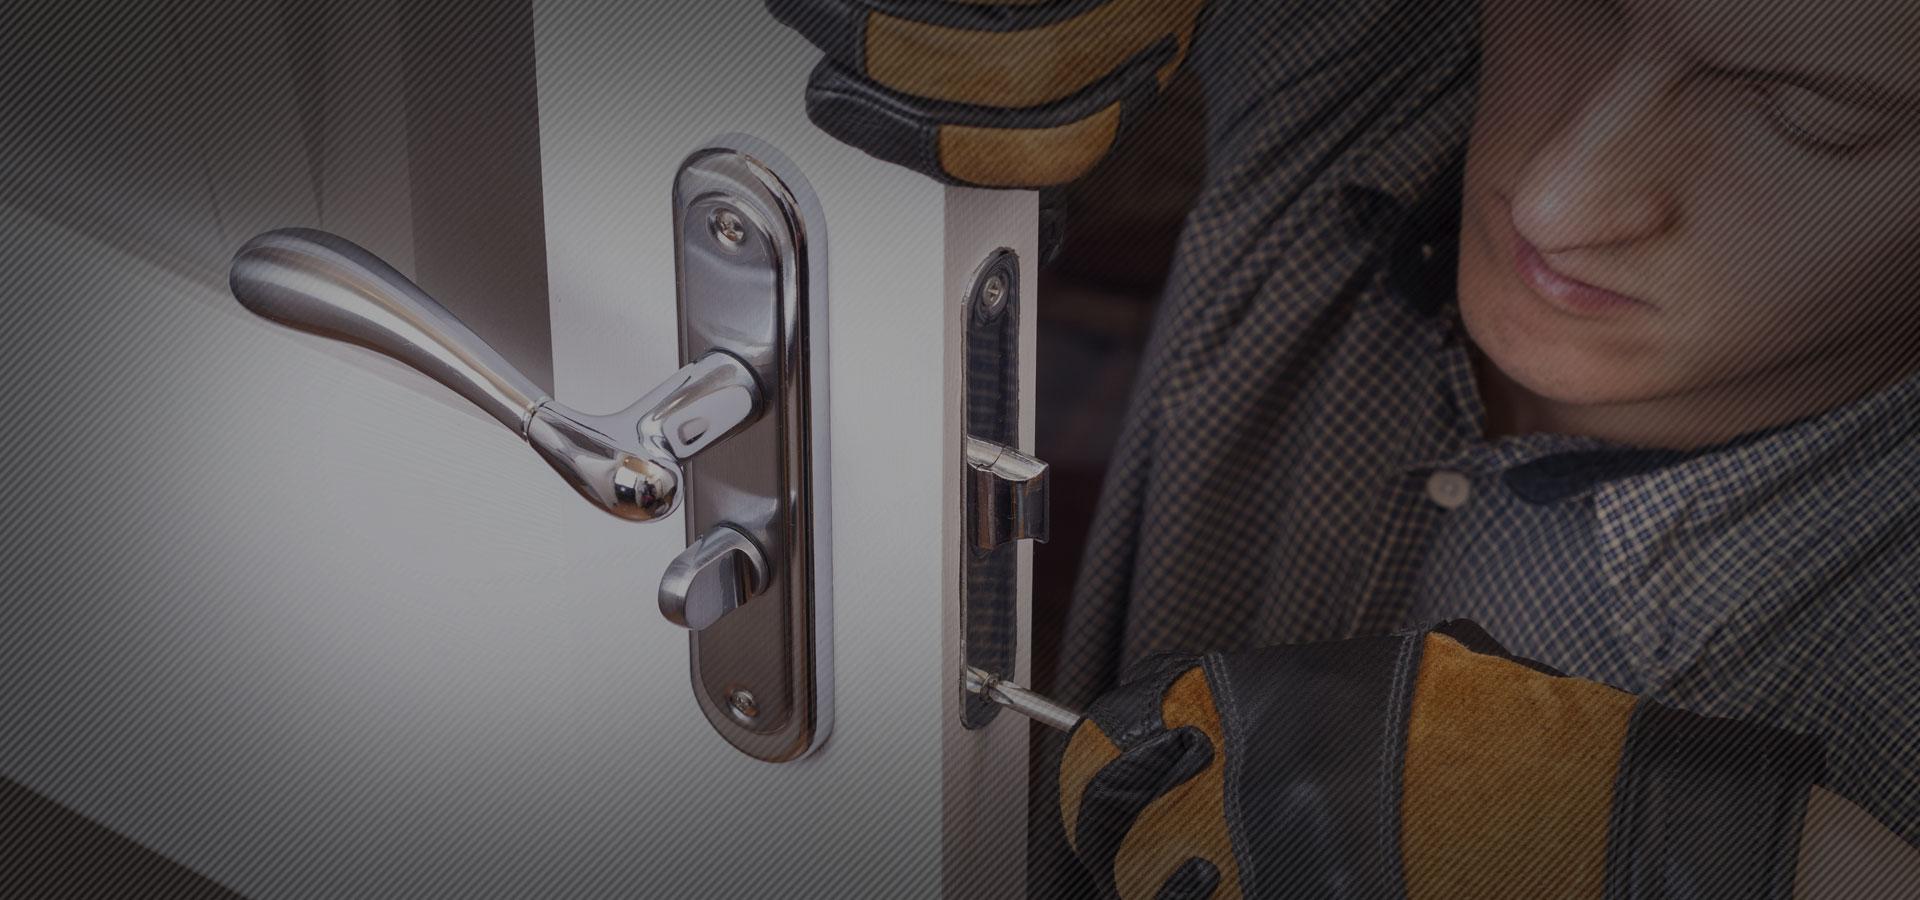 locksmith fixing lock